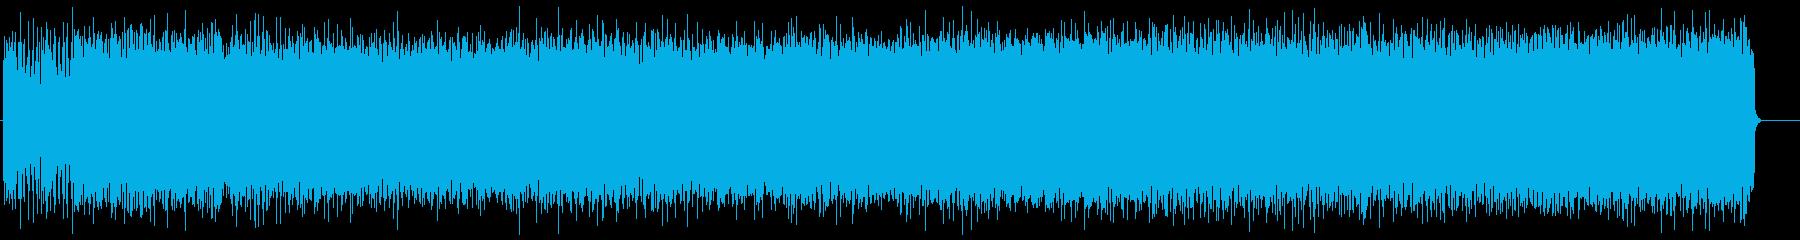 疾走感のあるハードロック(フルサイズ)の再生済みの波形